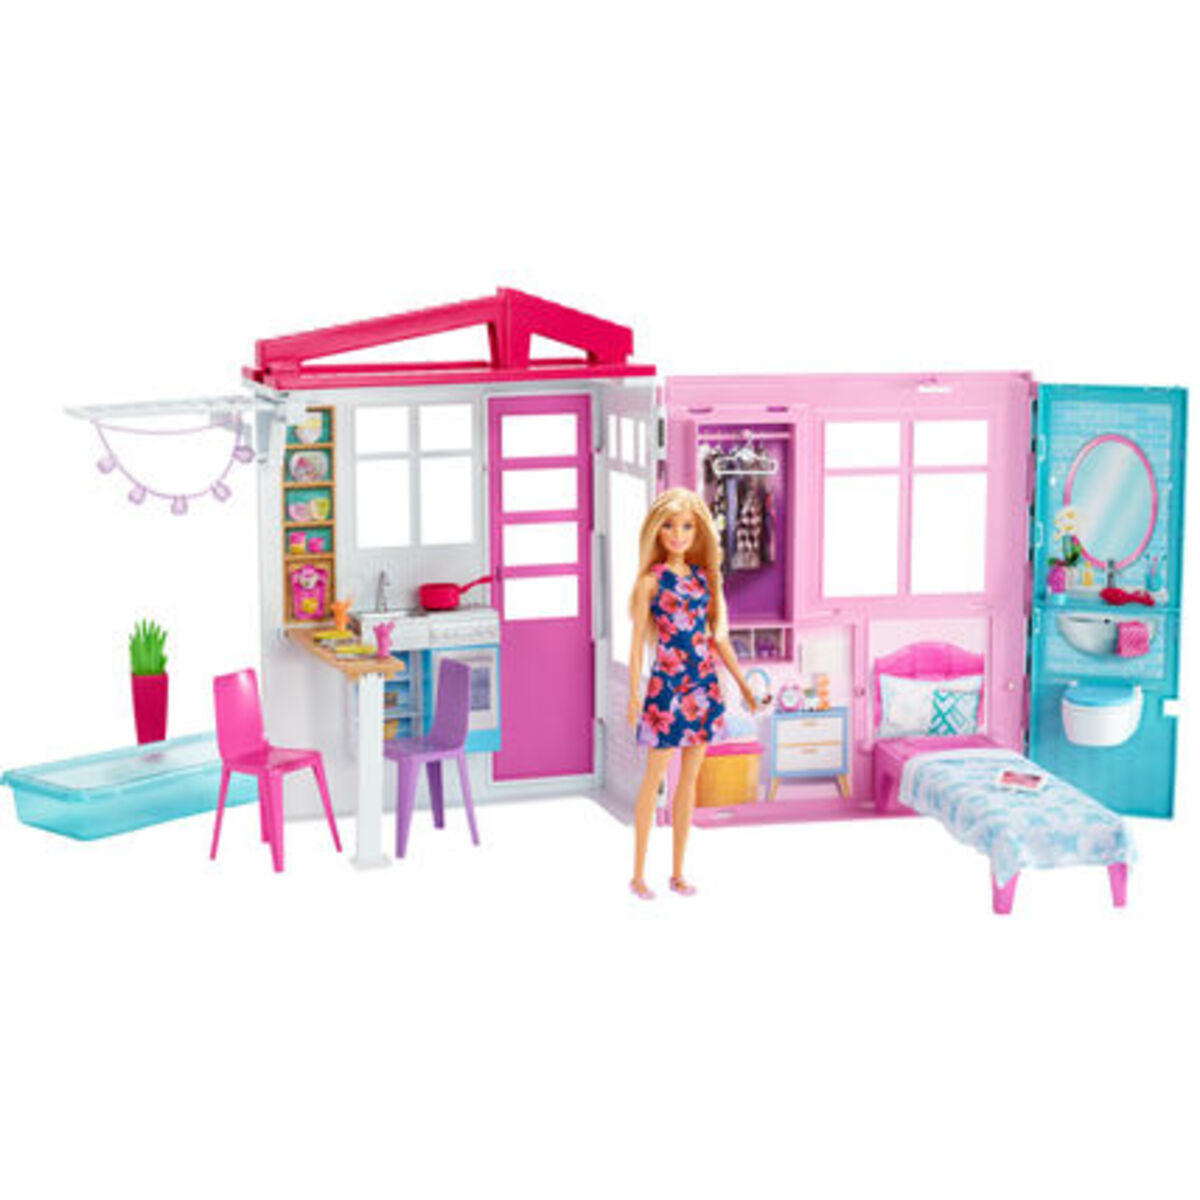 Bild 1 von Barbie Ferienhaus mit Möbeln und Puppe